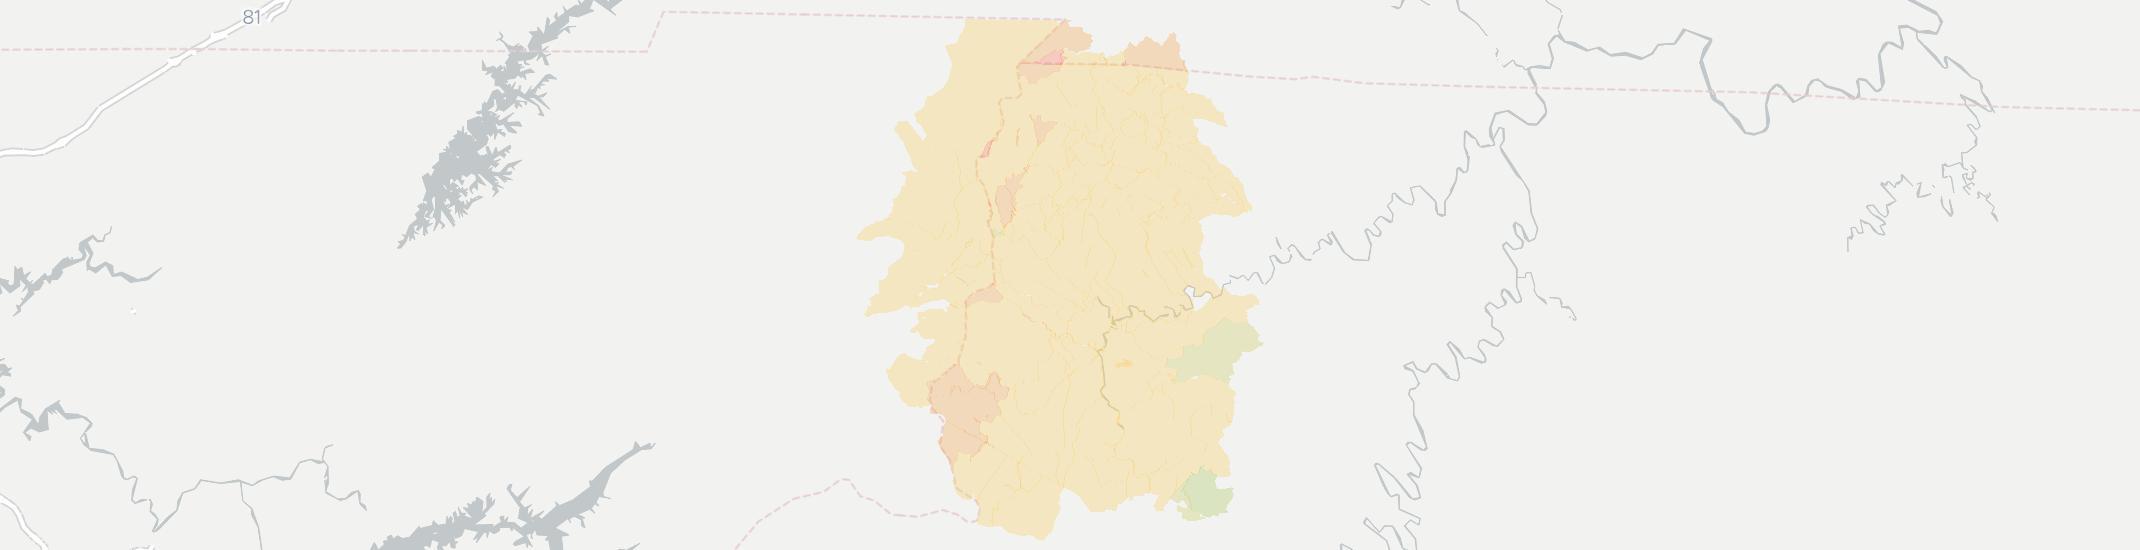 Creston Nc Map.Internet Providers In Creston Nc Compare 5 Providers